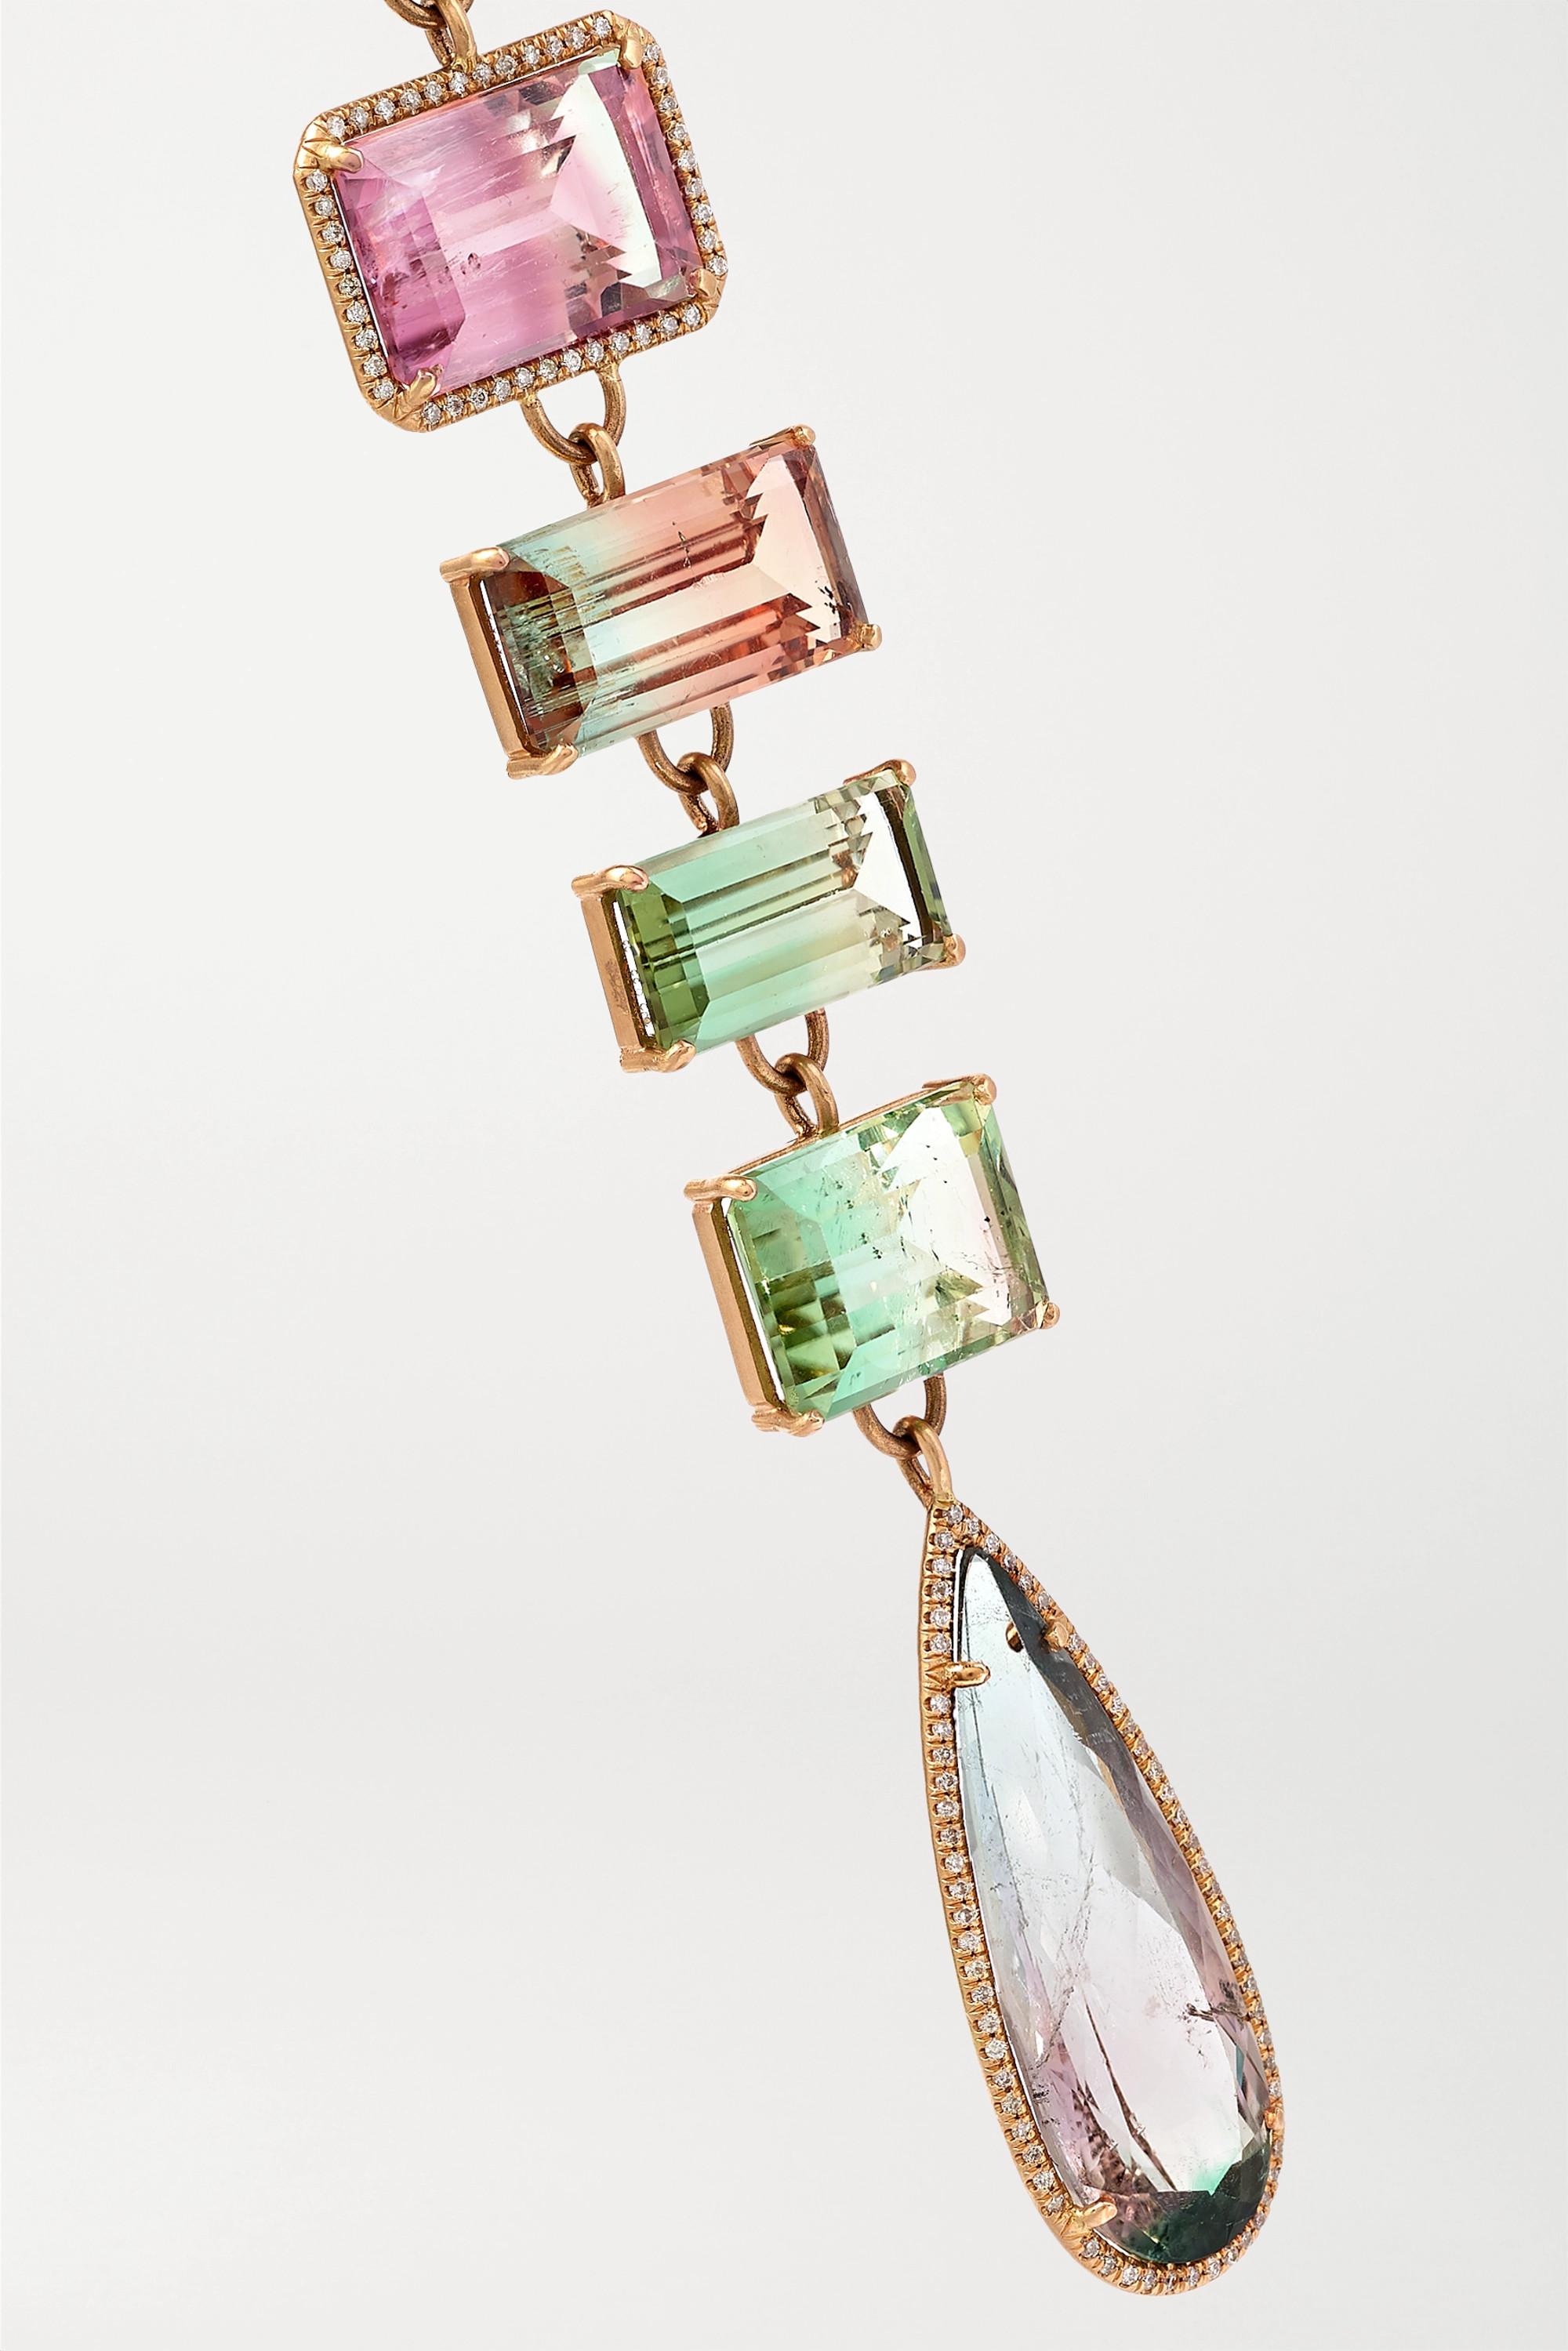 Irene Neuwirth Collier en or rose 18 carats, tourmalines et diamants Gemmy Gem